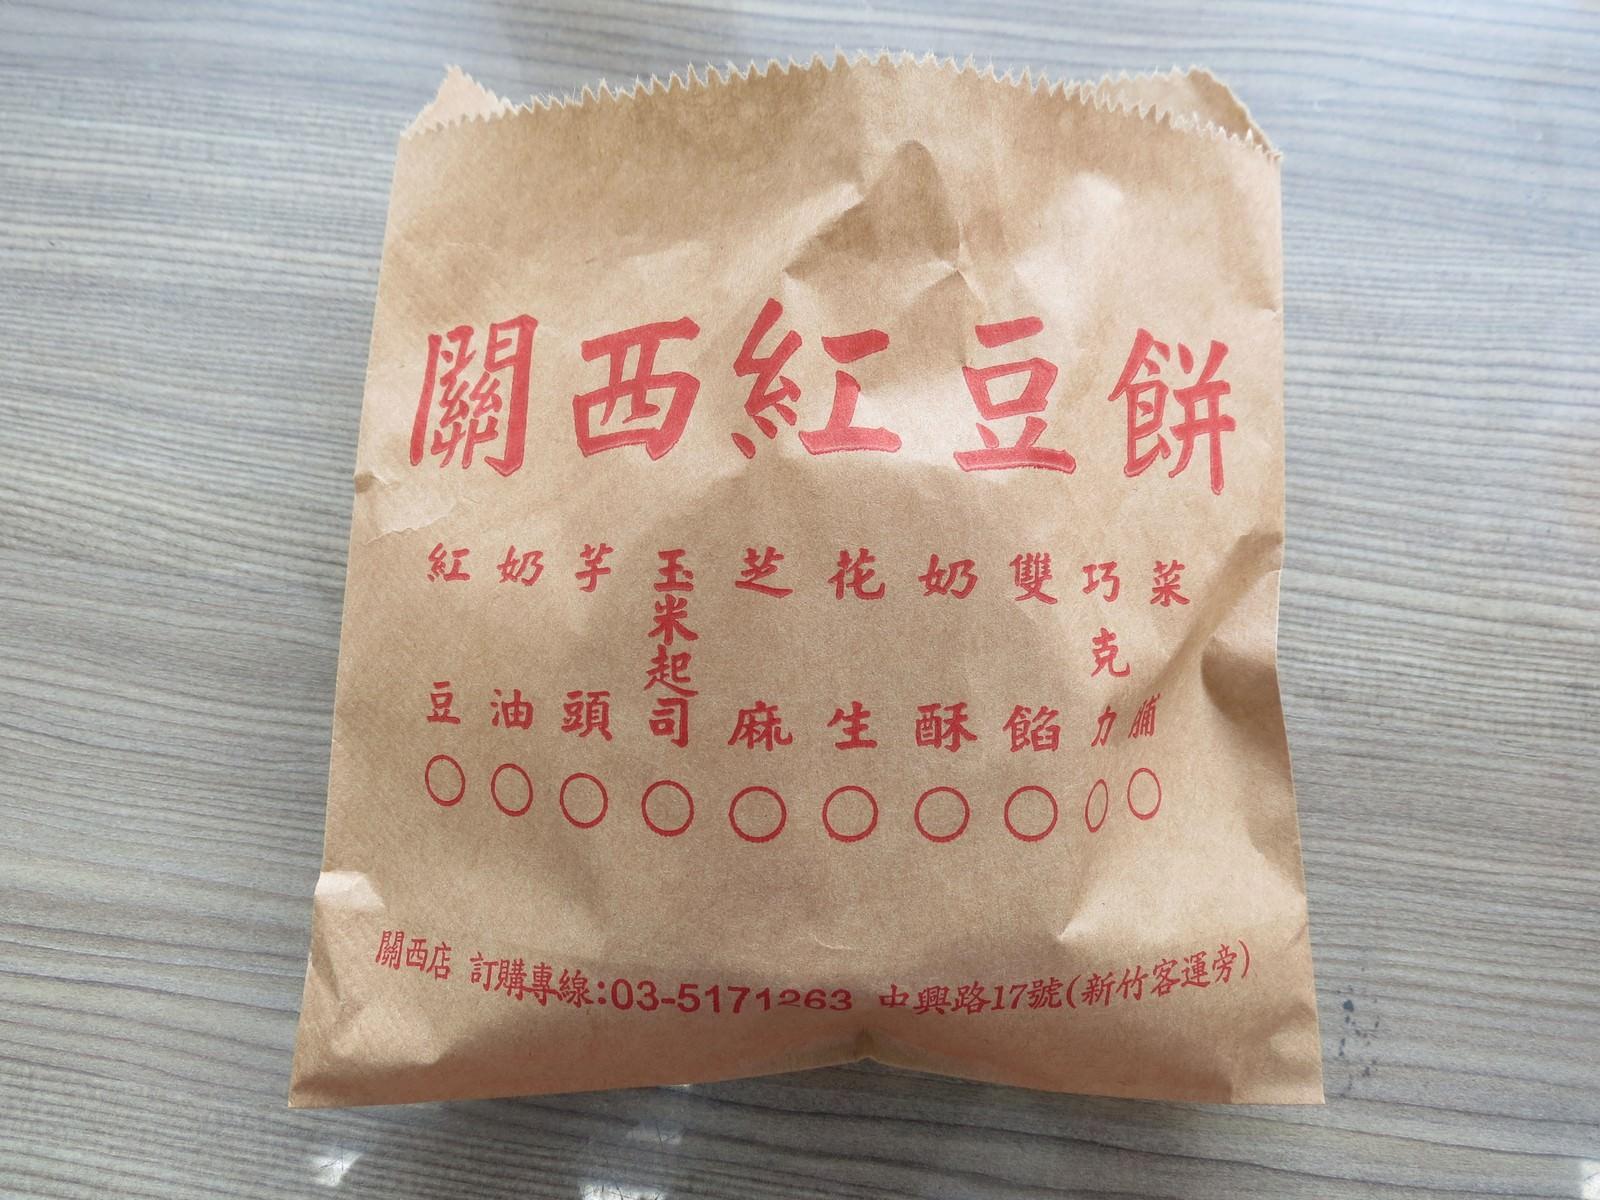 關西紅豆餅, 包裝